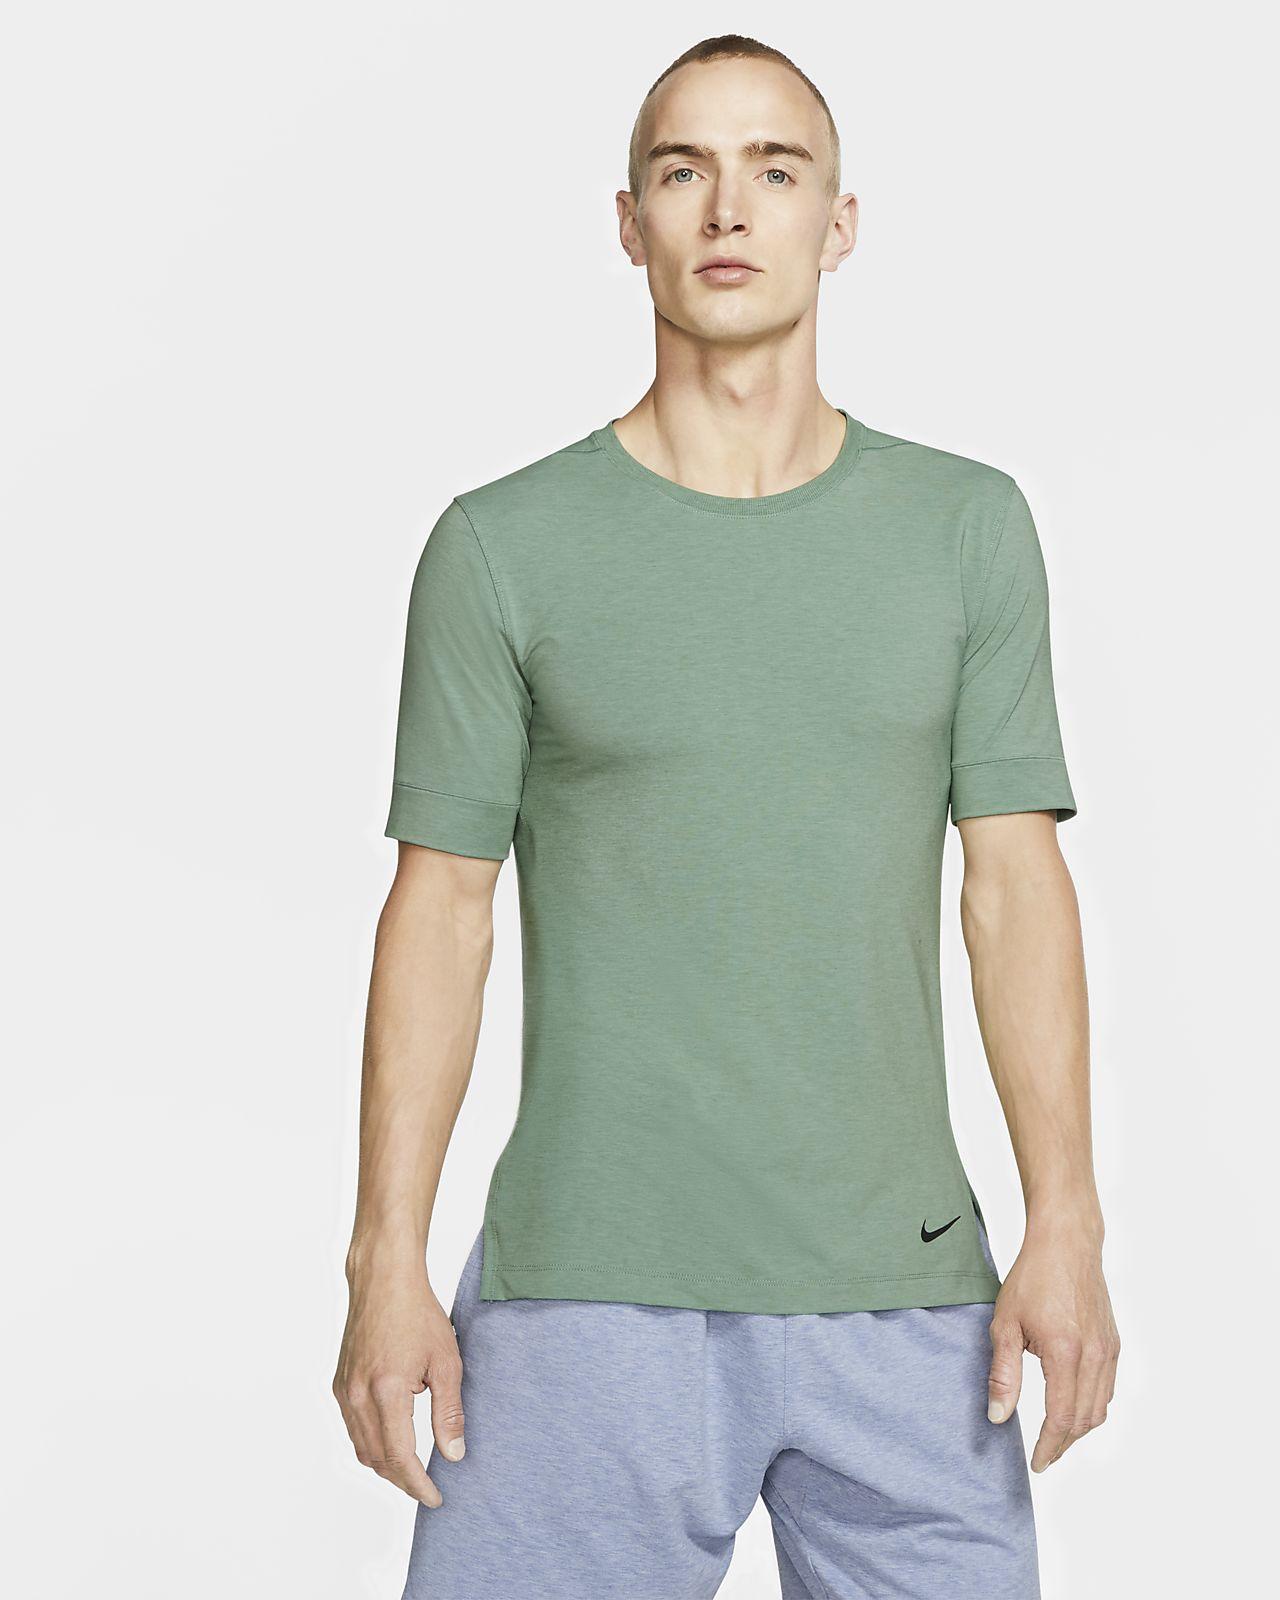 Prenda para la parte superior de entrenamiento de yoga de manga corta para hombre Nike Dri-FIT